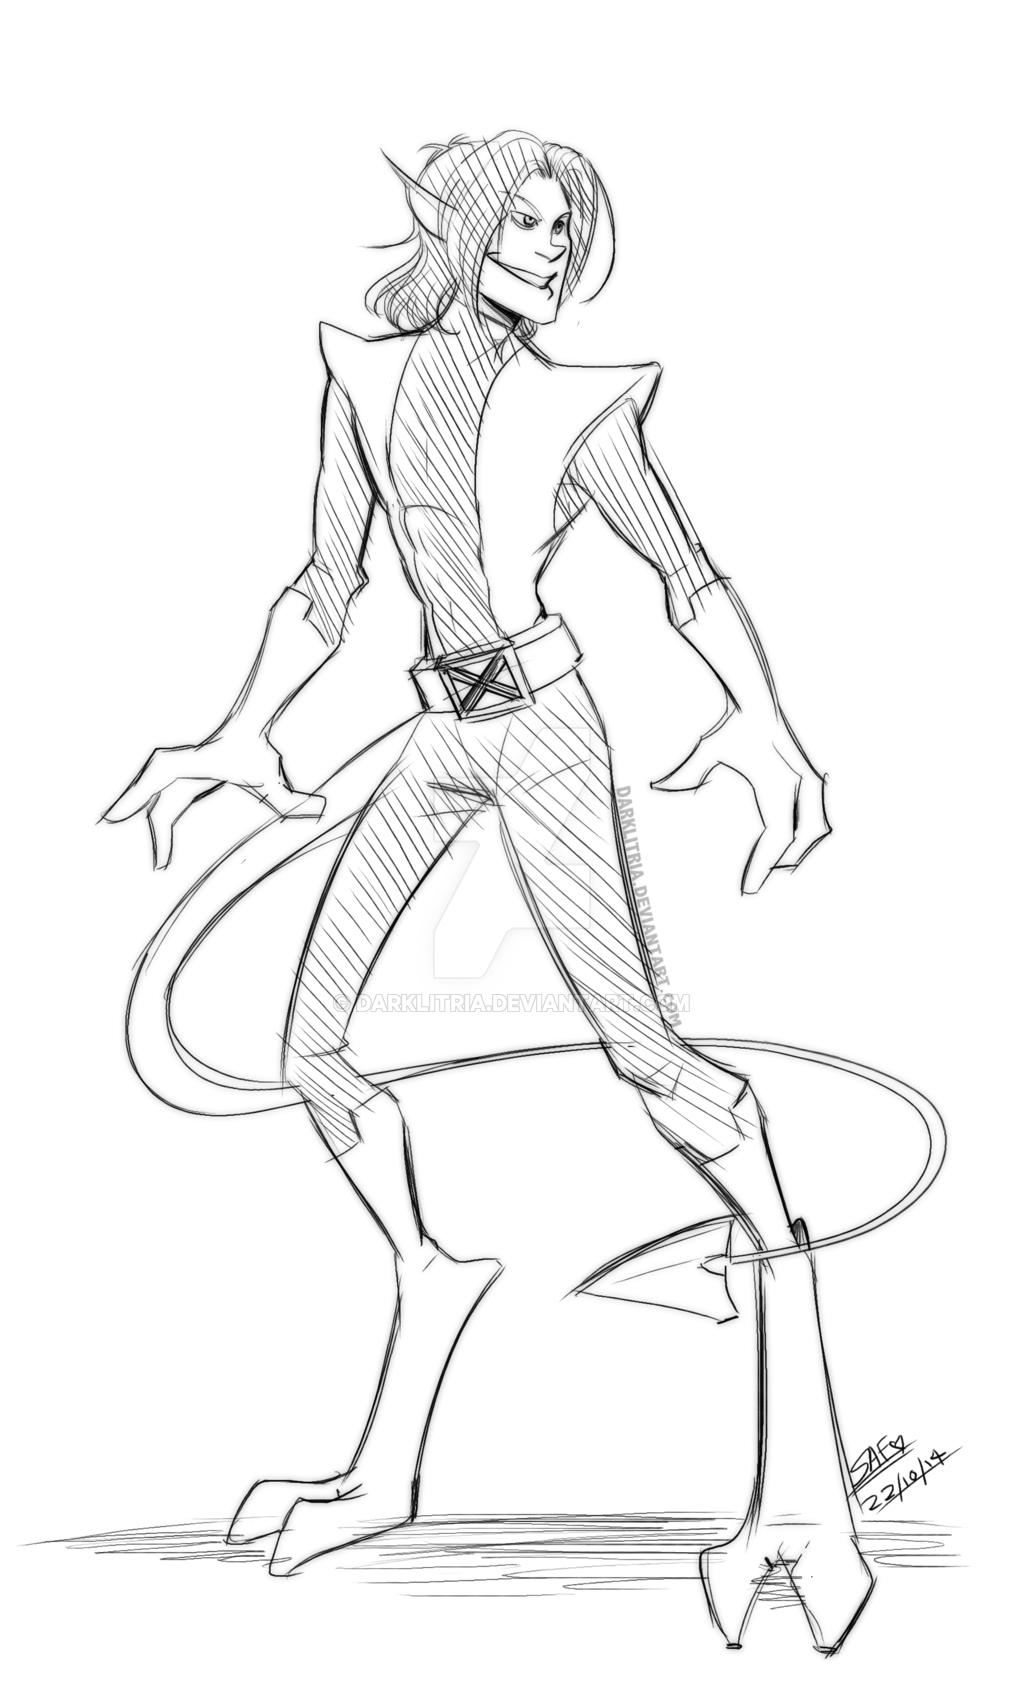 1024x1707 X Men Nightcrawler Sketch By Darklitria